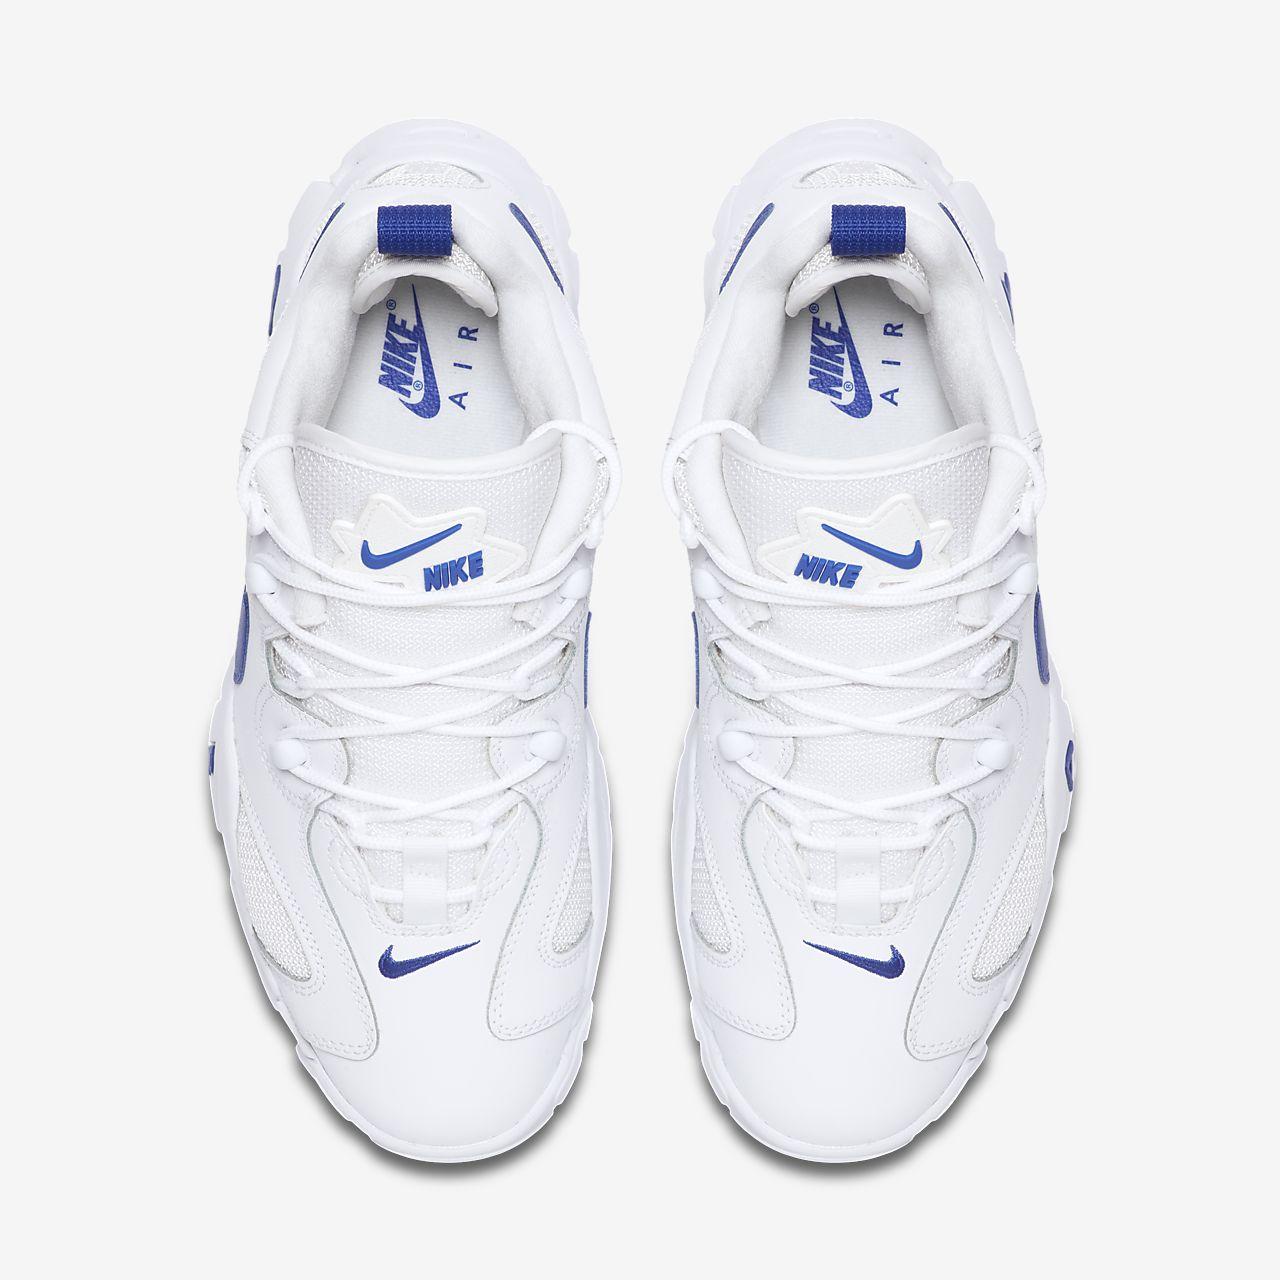 Scarpa Nike Air Barrage Low Uomo